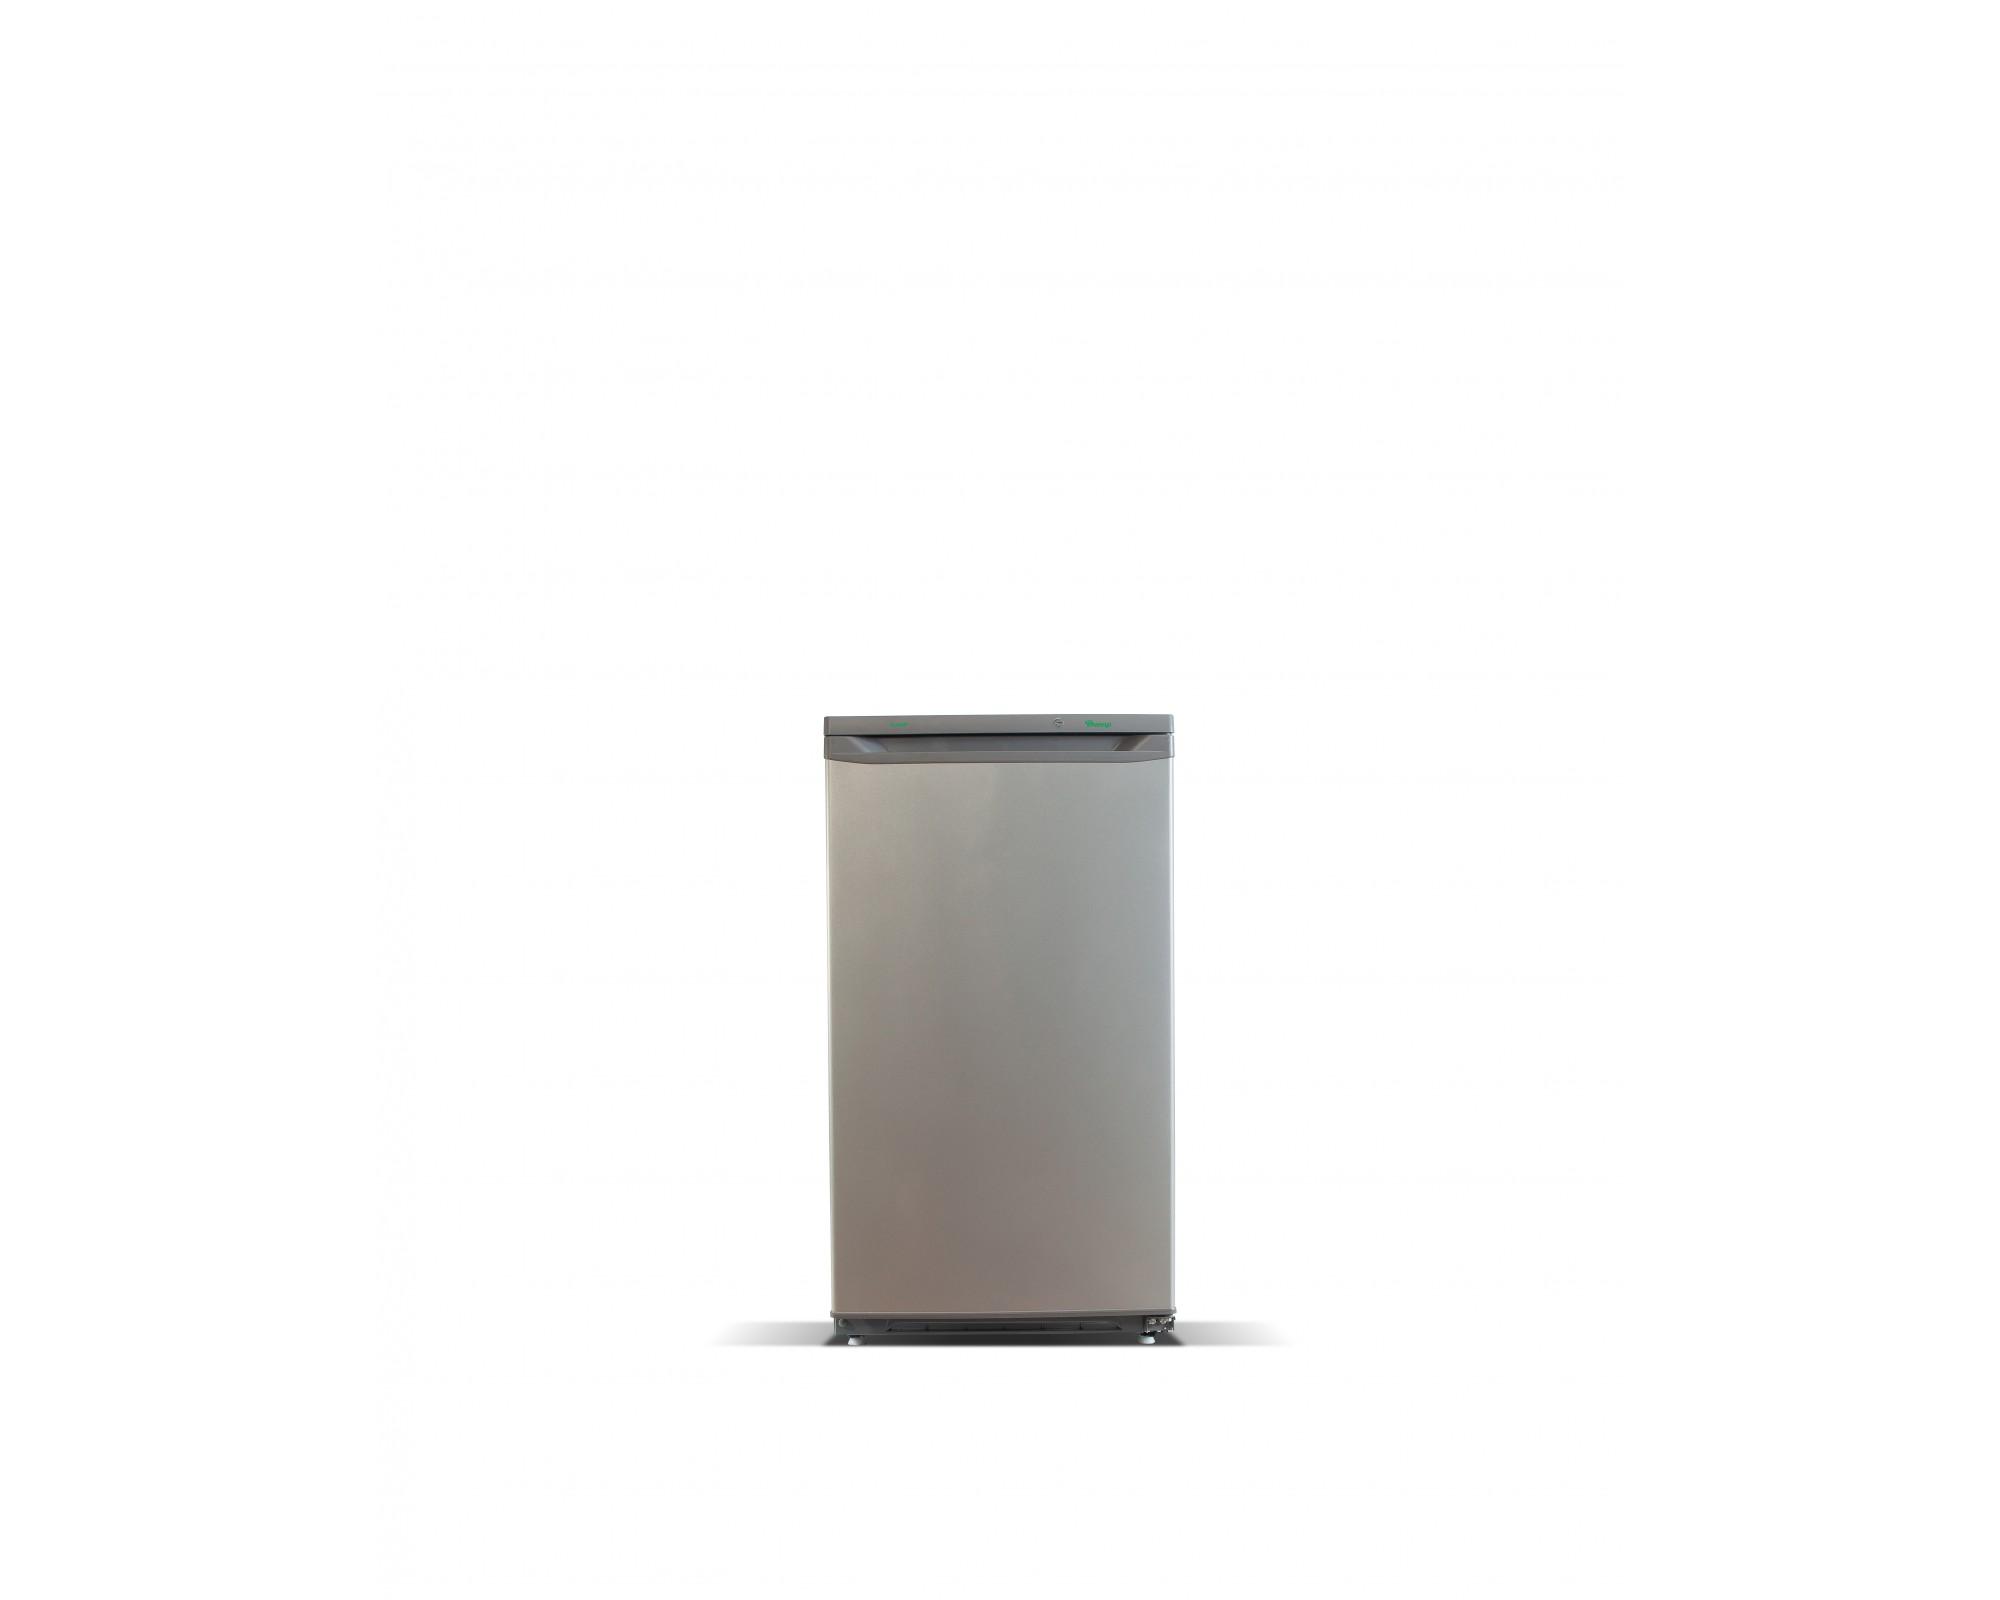 инструкция к холодильнику донбасс 9 мощность